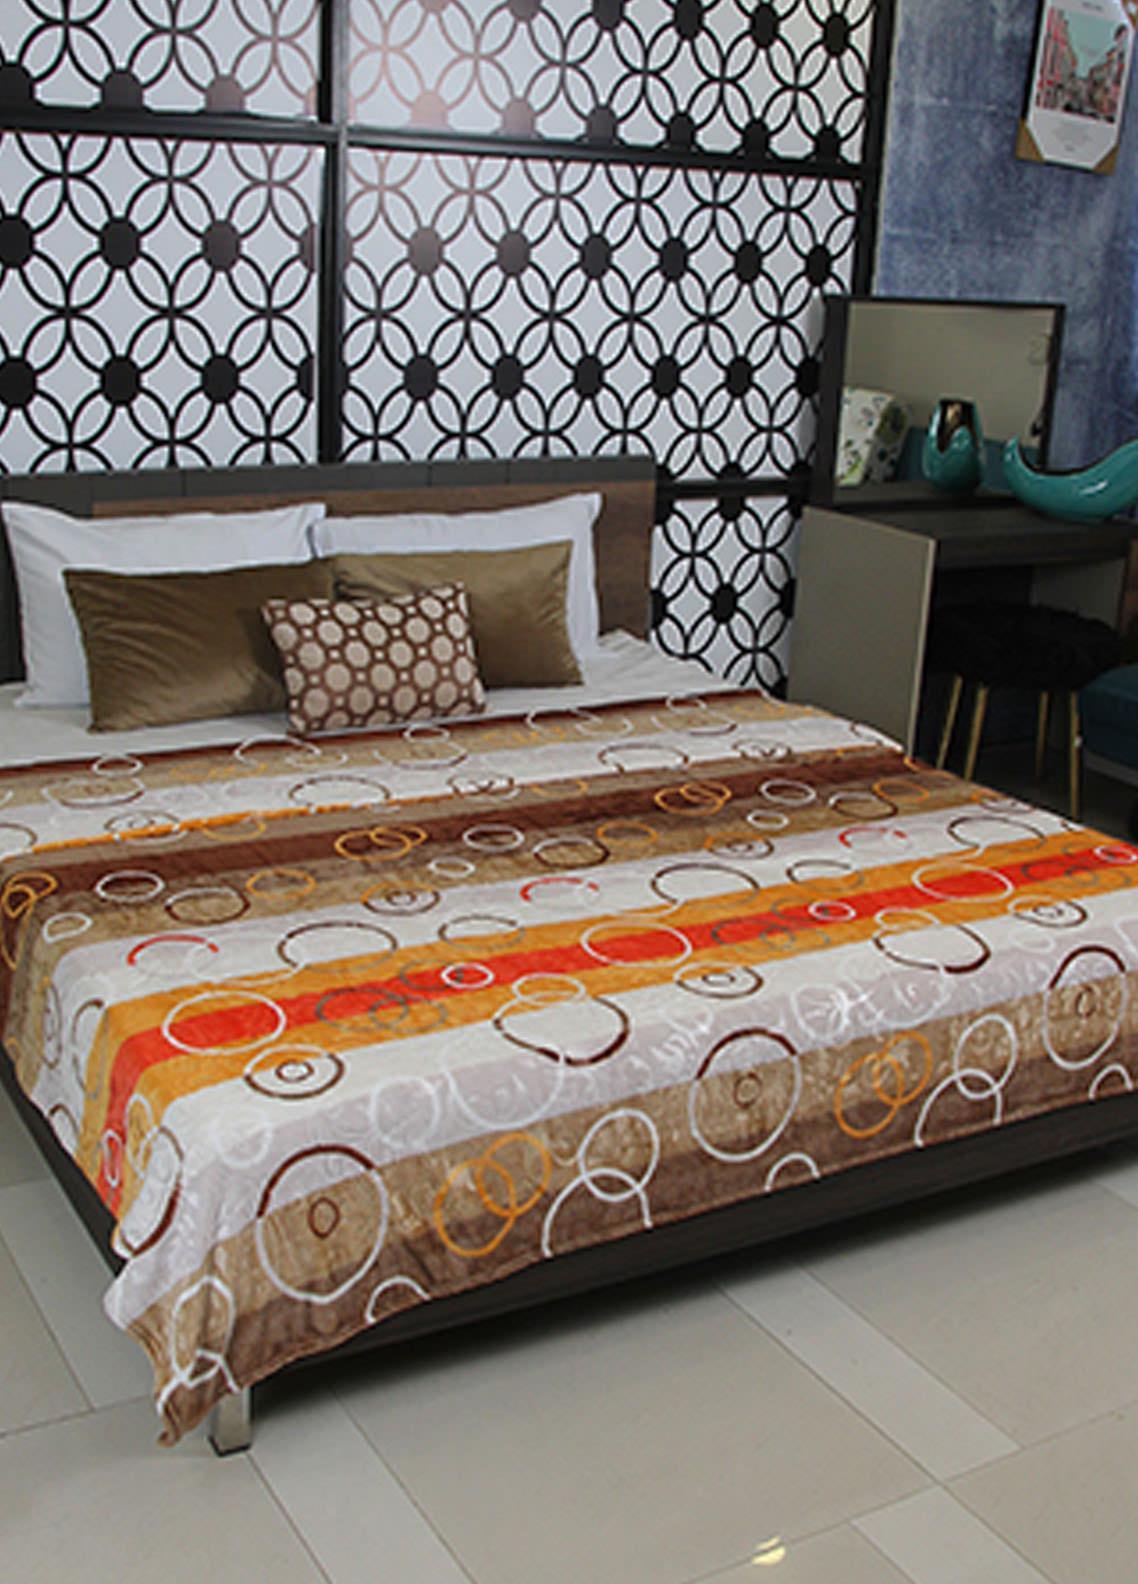 Plush Mink Double Bed Supreme Soft Finish Blankets 2 Ply Supremo-SMV231 - Home & Decor